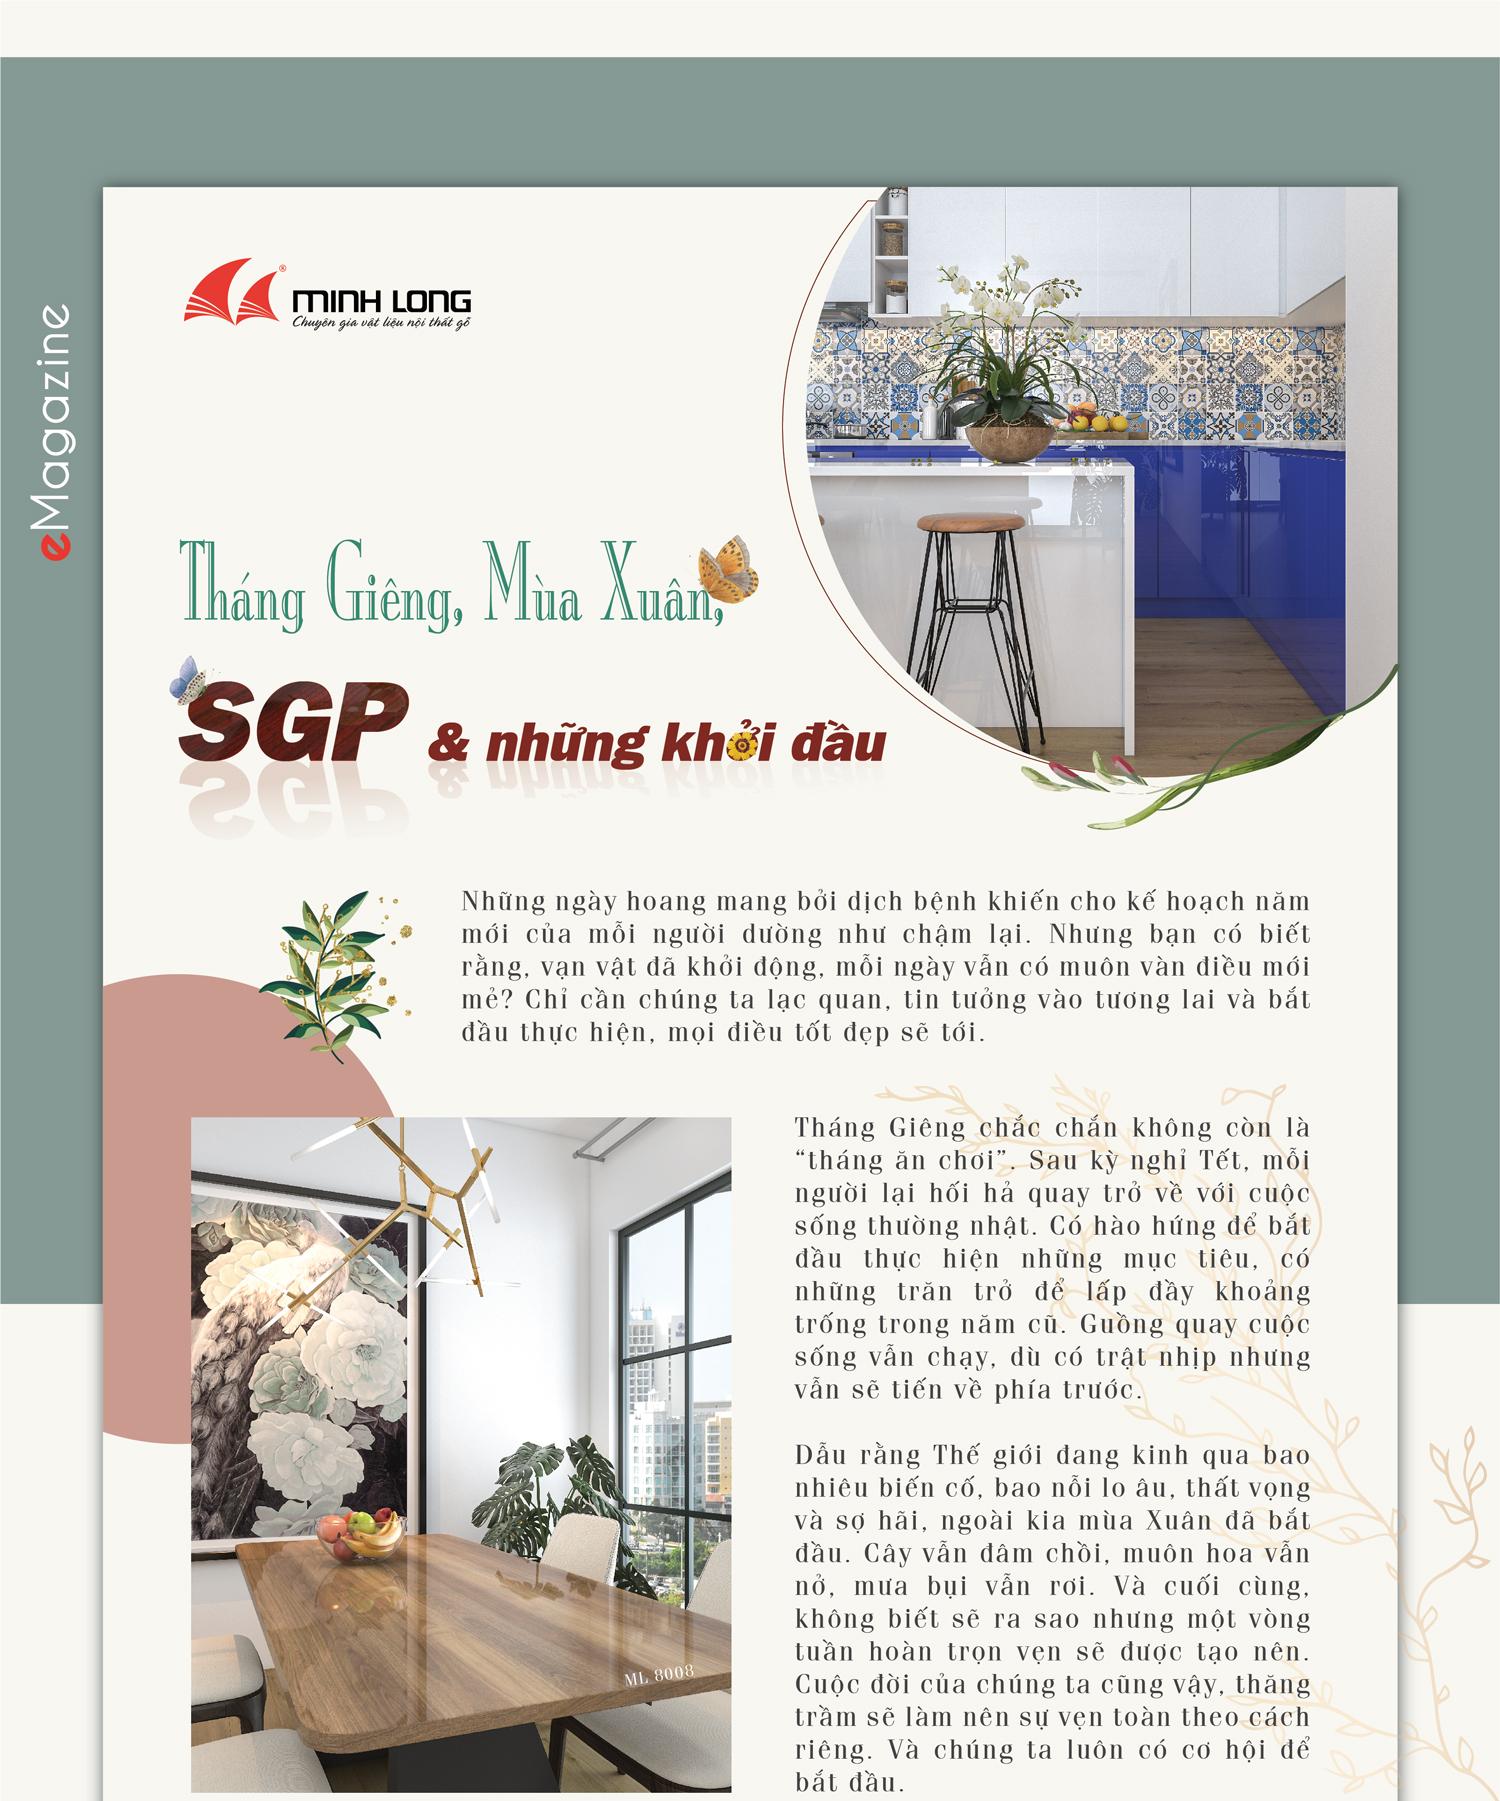 eMagazine 02/2020: Tháng Giêng, Mùa Xuân, SGP và những khởi đầu